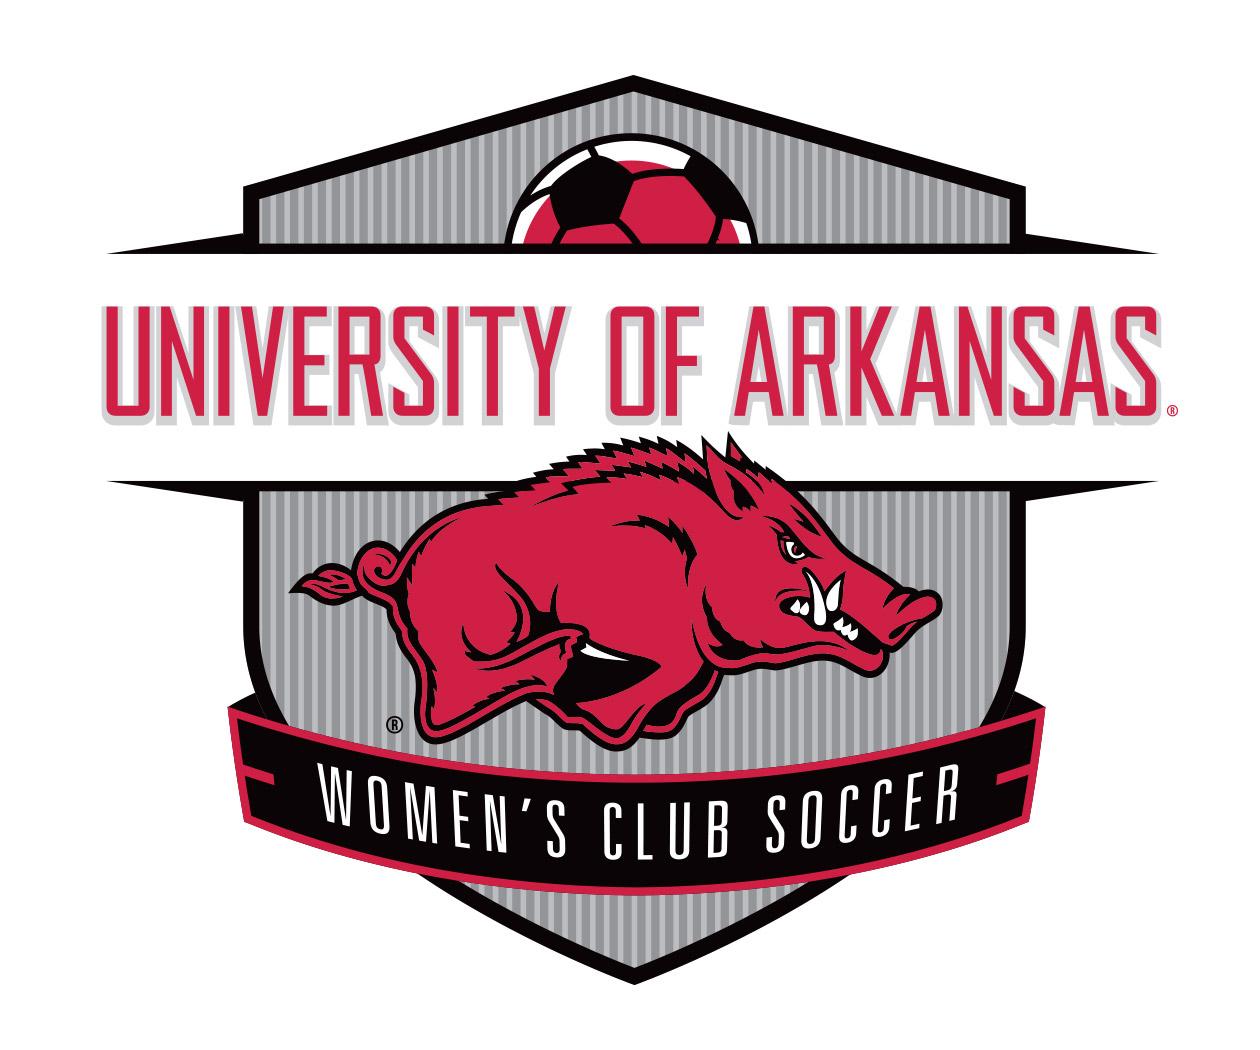 testimonial-for-the-custom-sports-logo-design-for-the-university-of-arkansas-womens-club-soccer-by-jordan-fretz.jpg